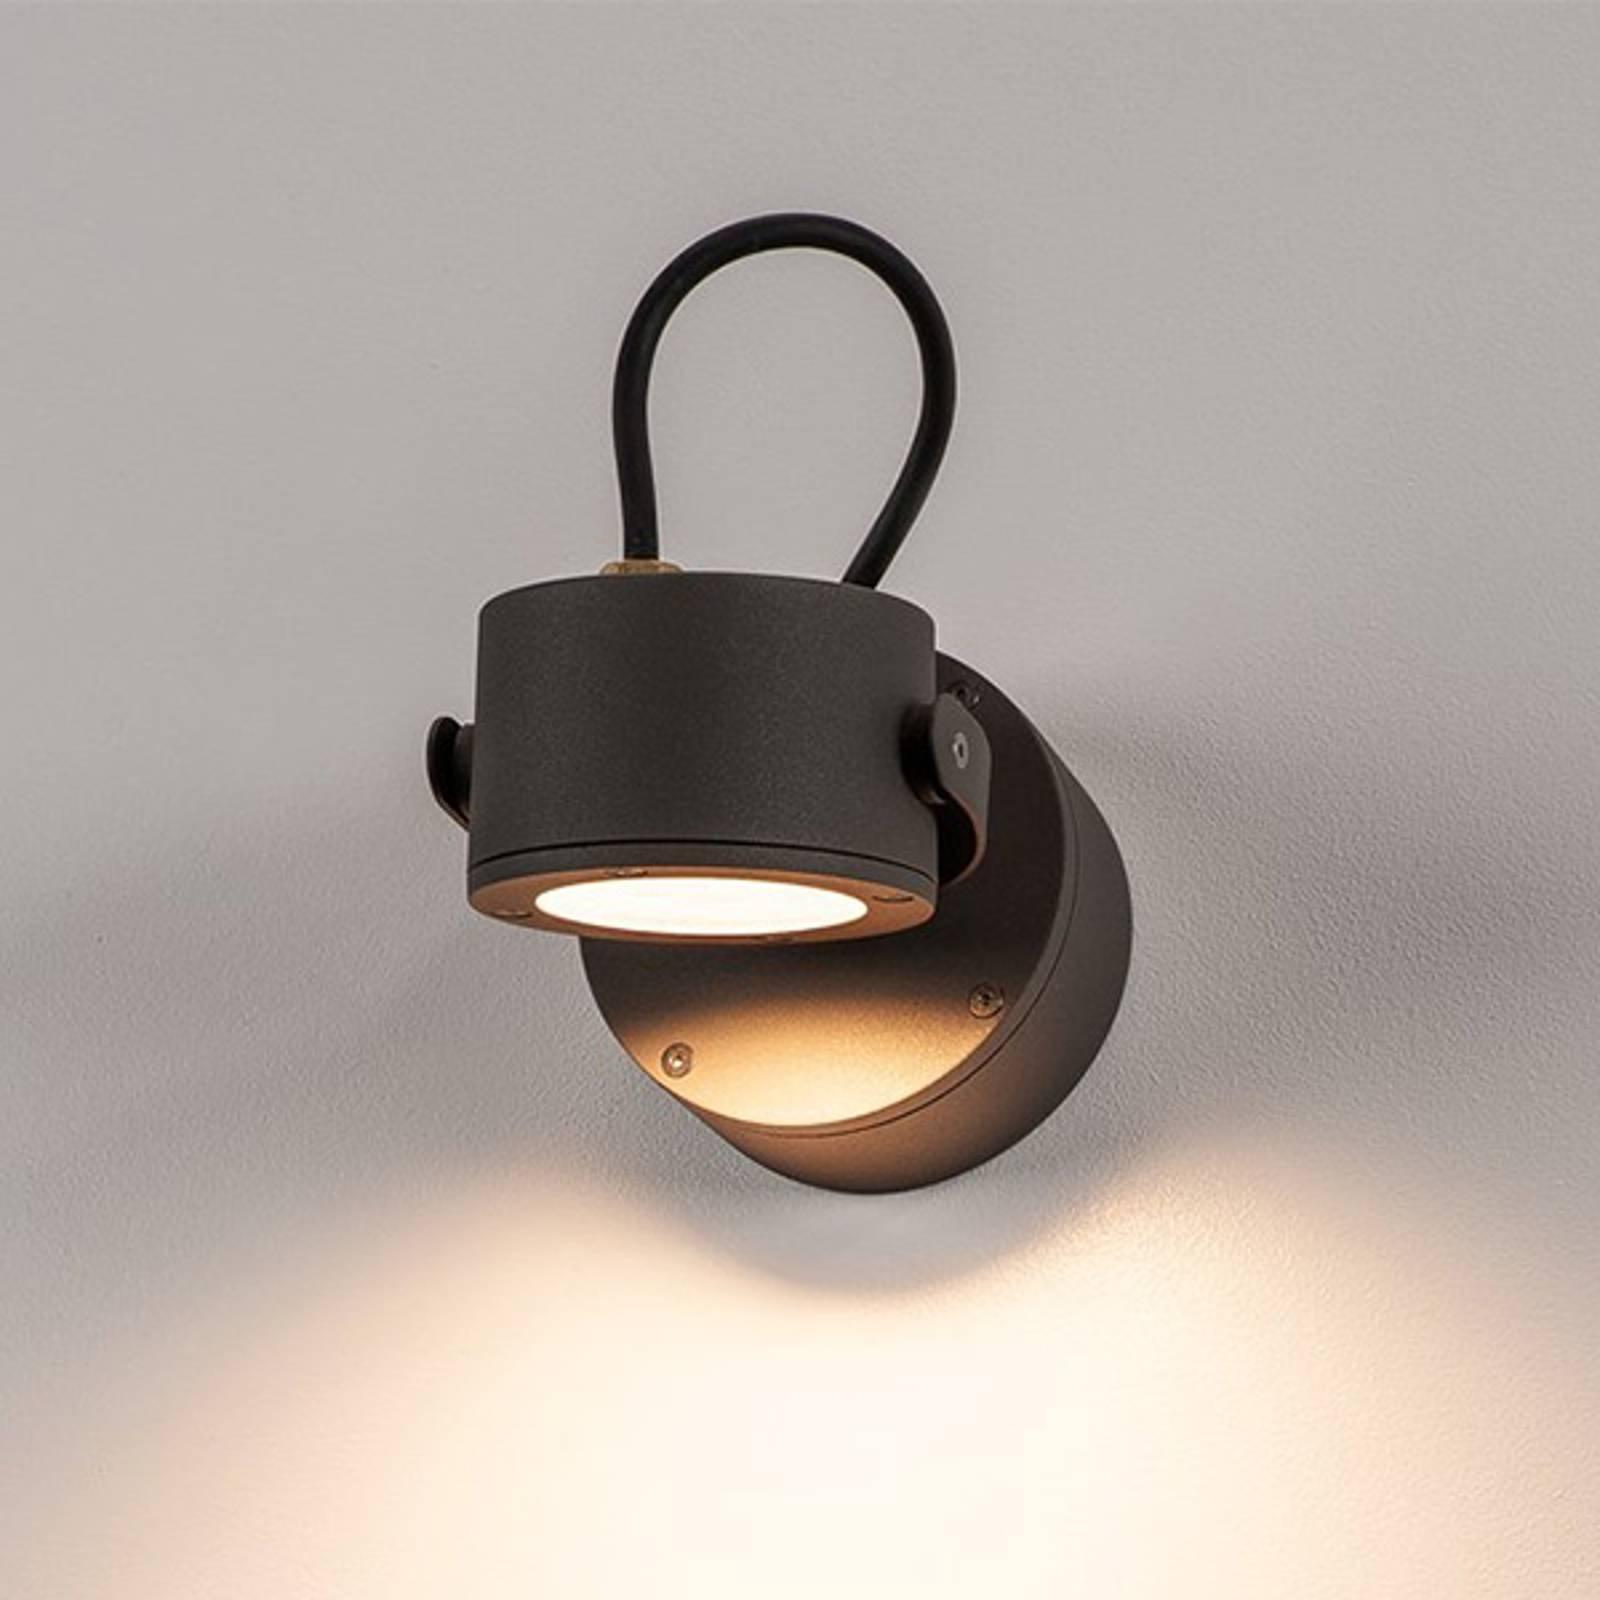 SLV Sitra zewnętrzny reflektor sufitowy